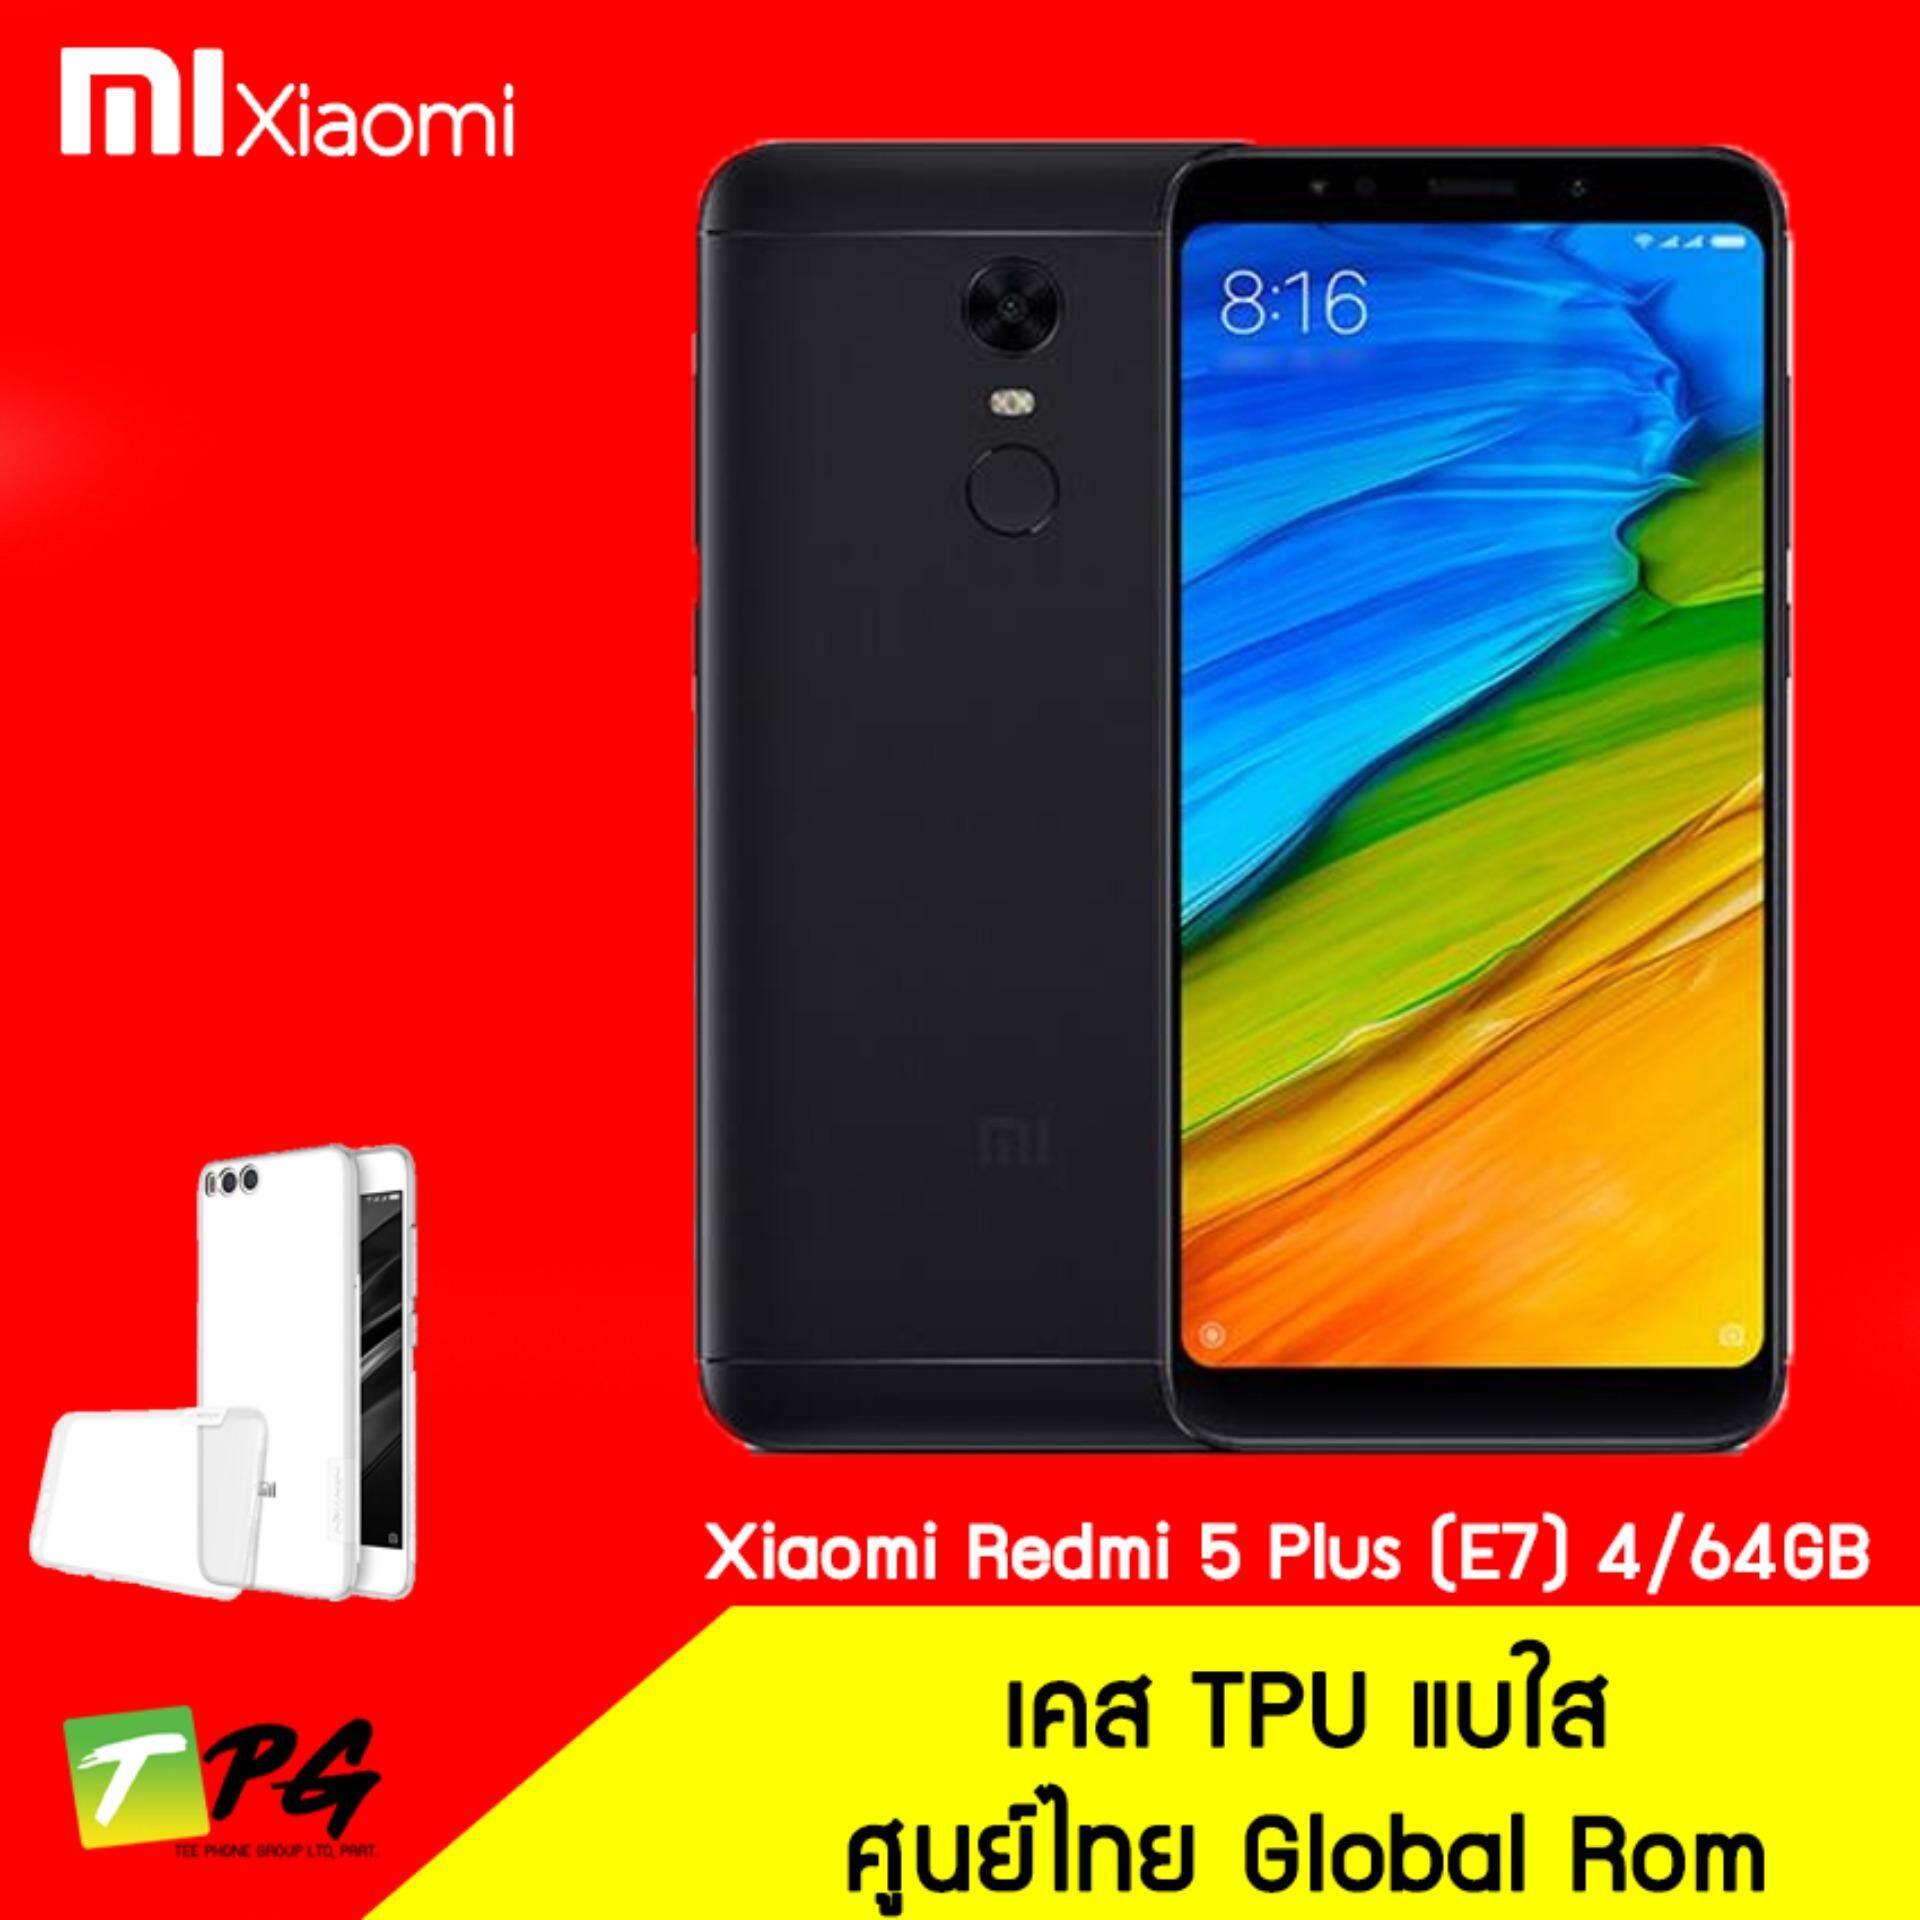 ขาย Xiaomi Redmi 5Plus 2018 E7 4 64Gb ศูนย์ไทย แถม เคส Xiaomi เป็นต้นฉบับ